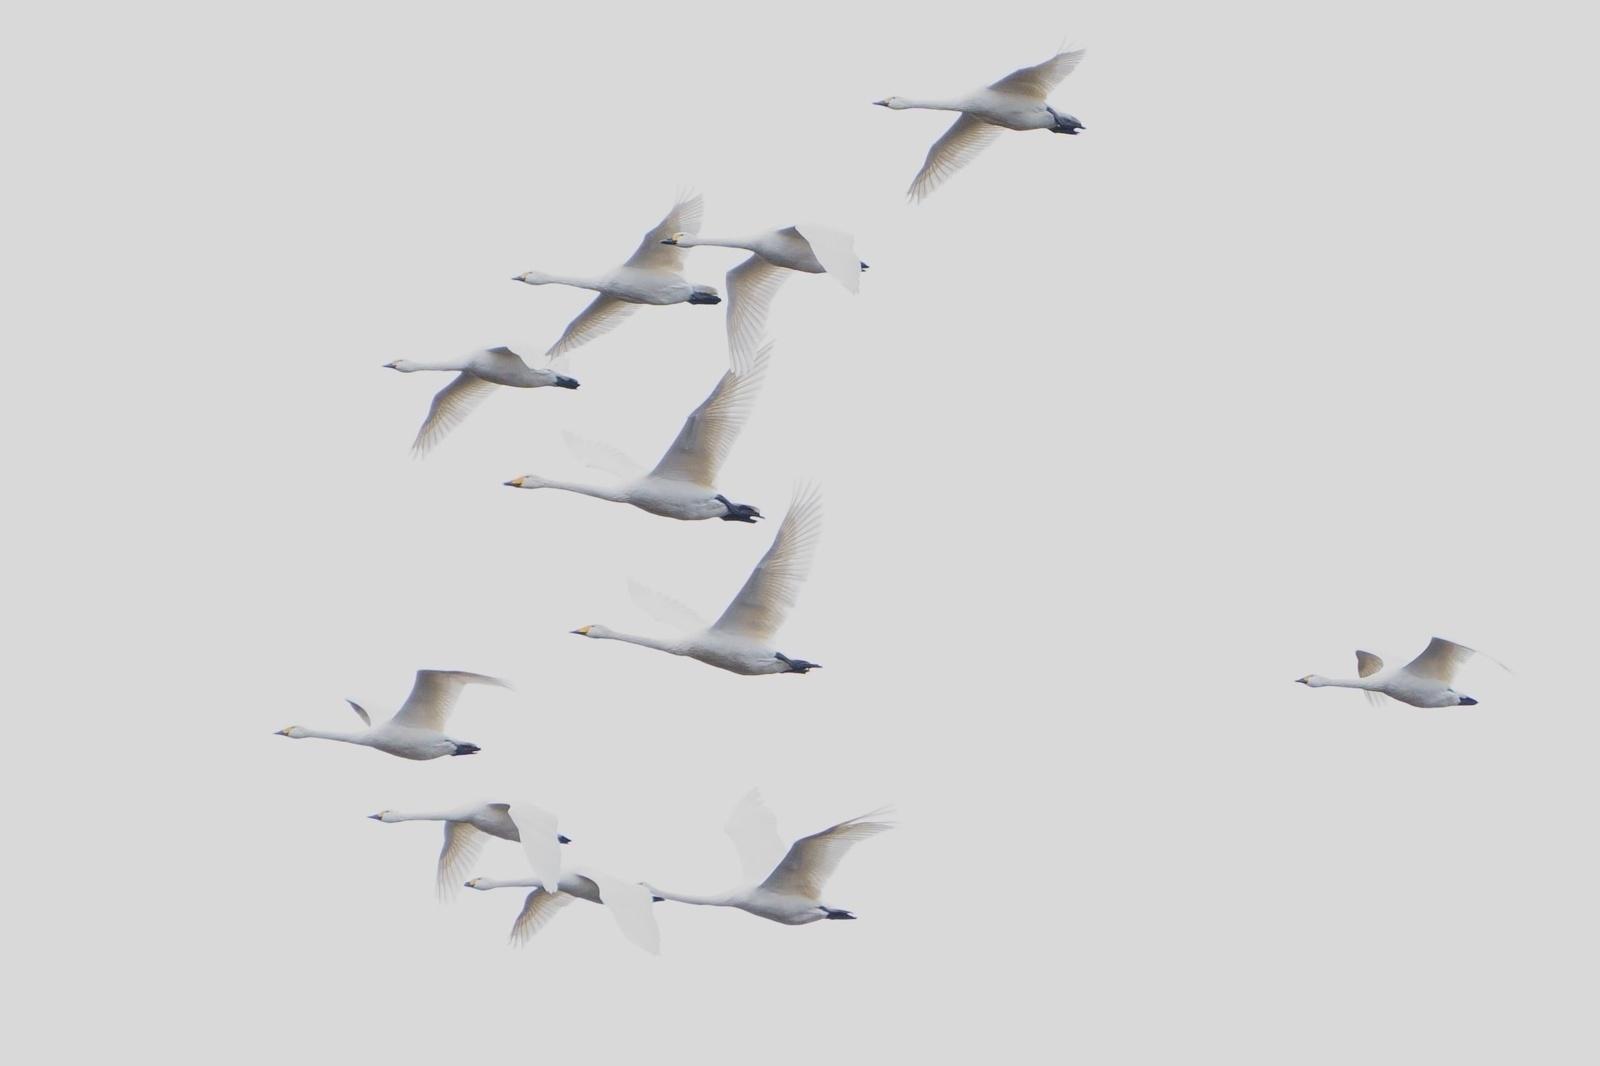 Kuršių nerijoje užfiksuoti grįžtantys paukščiai (nuotraukų galerija)